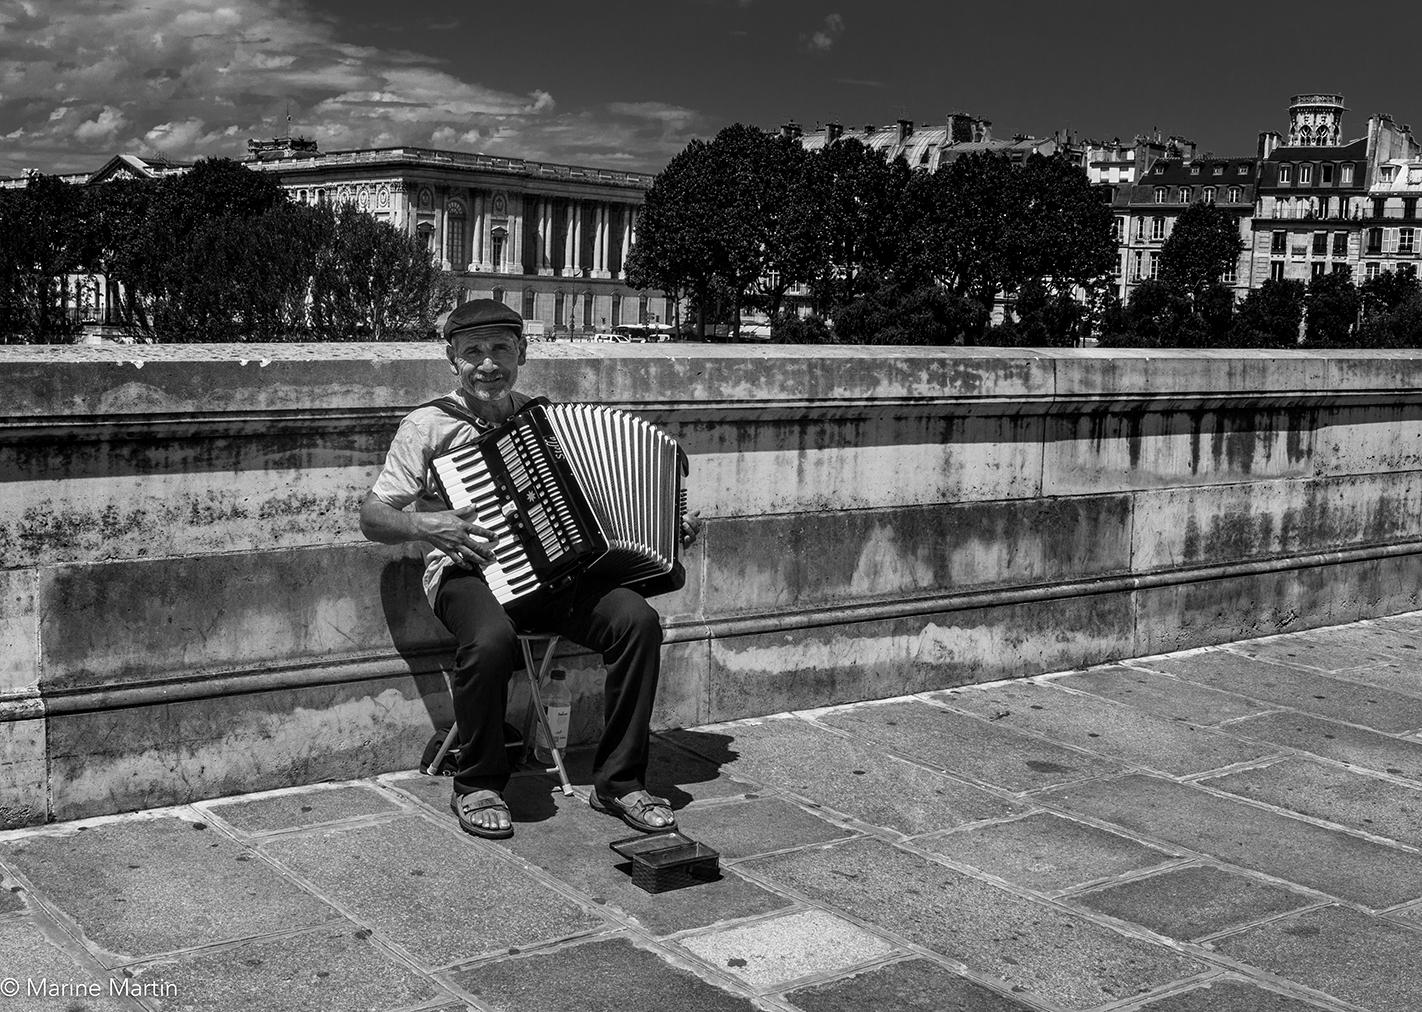 Journée à Paris : Accordéoniste sur le Pont des arts à Paris